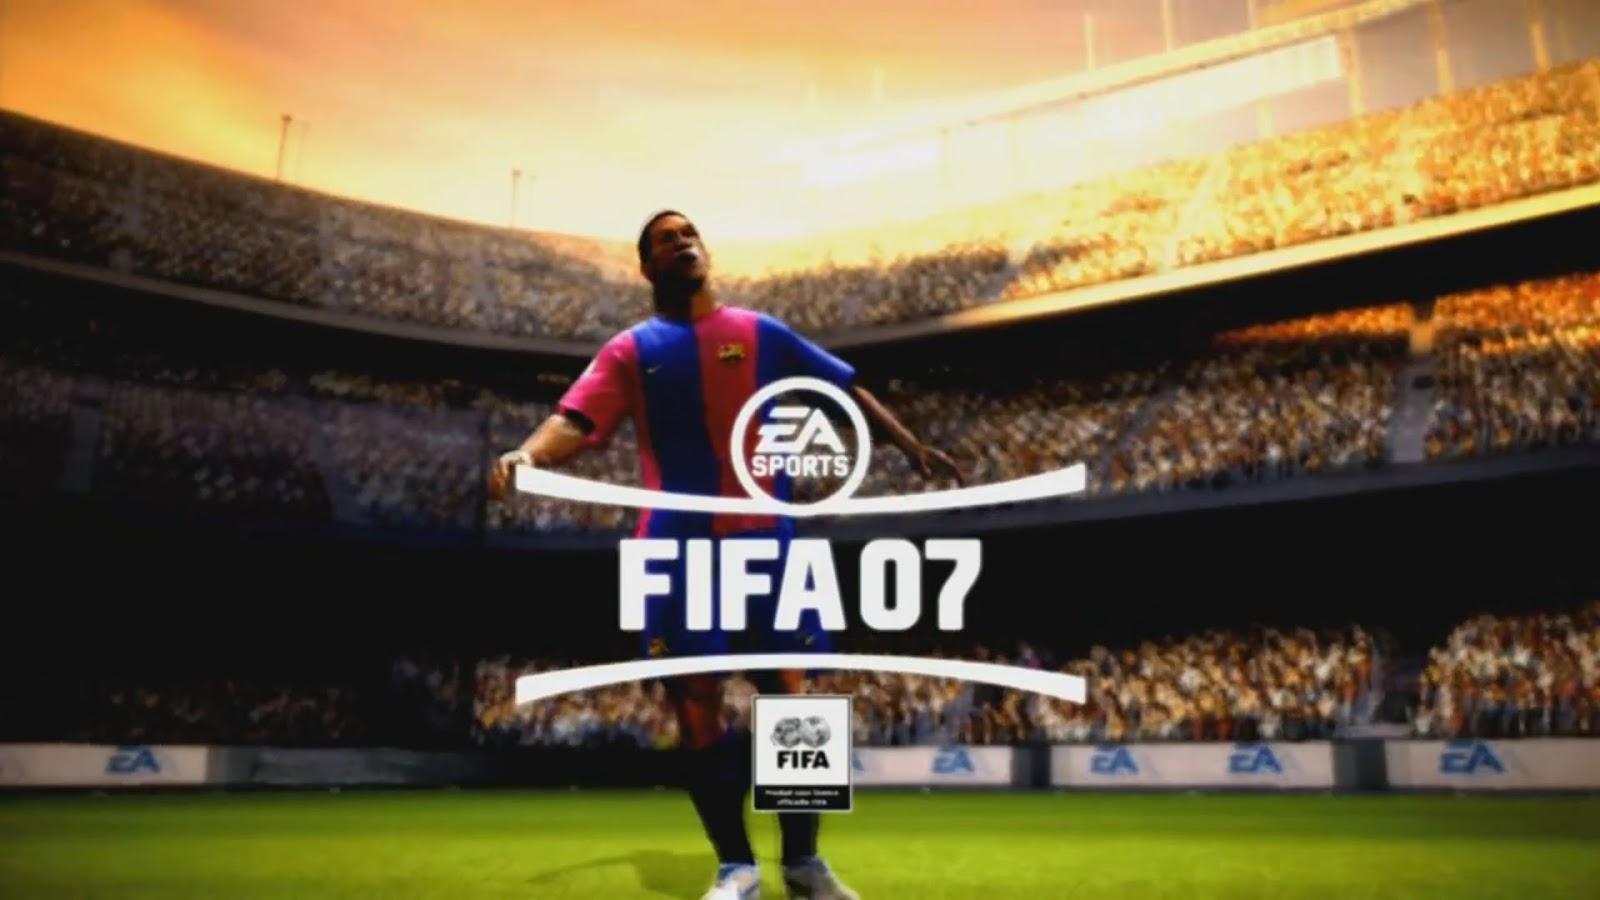 تحميل لعبة كرة القدم فيفا 7 - FIFA 07